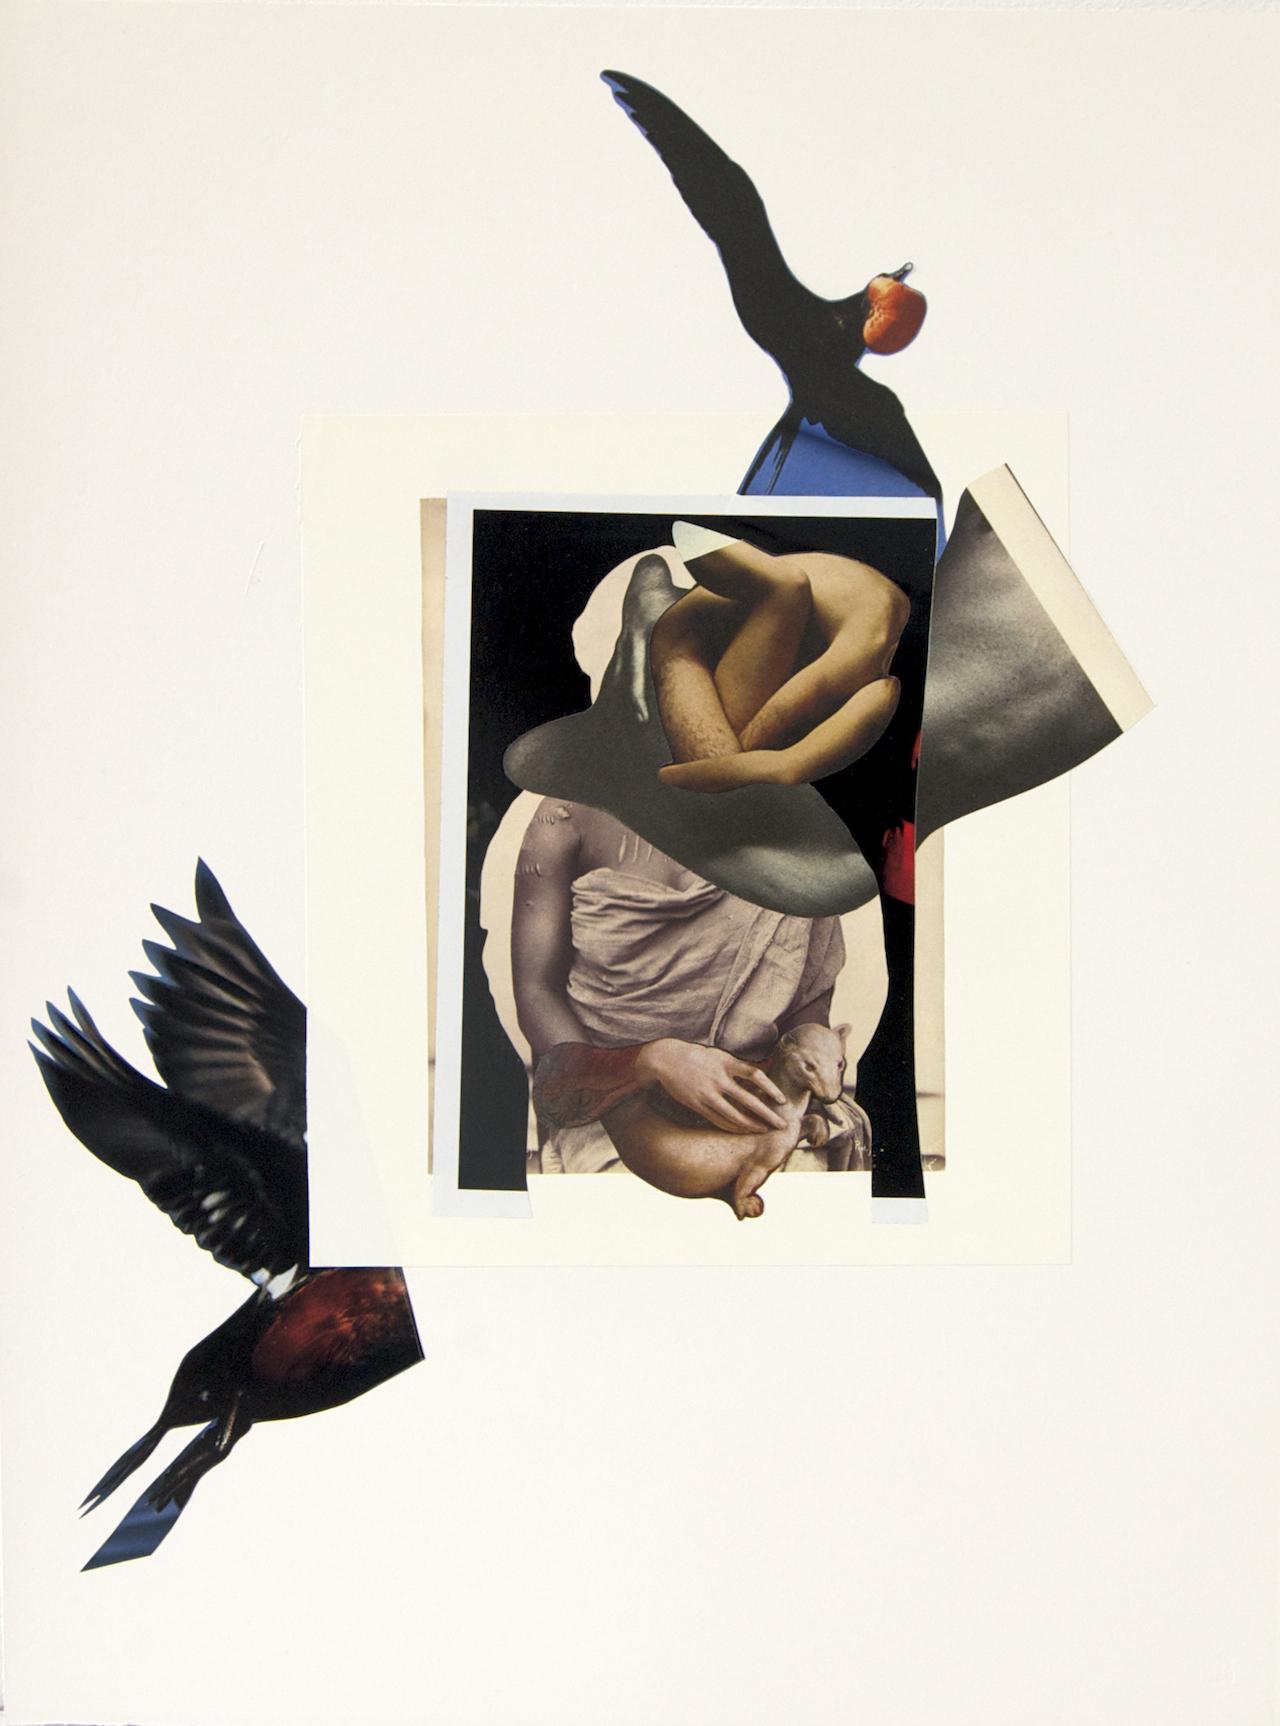 10. KURE_Ethnographica XII Bird III